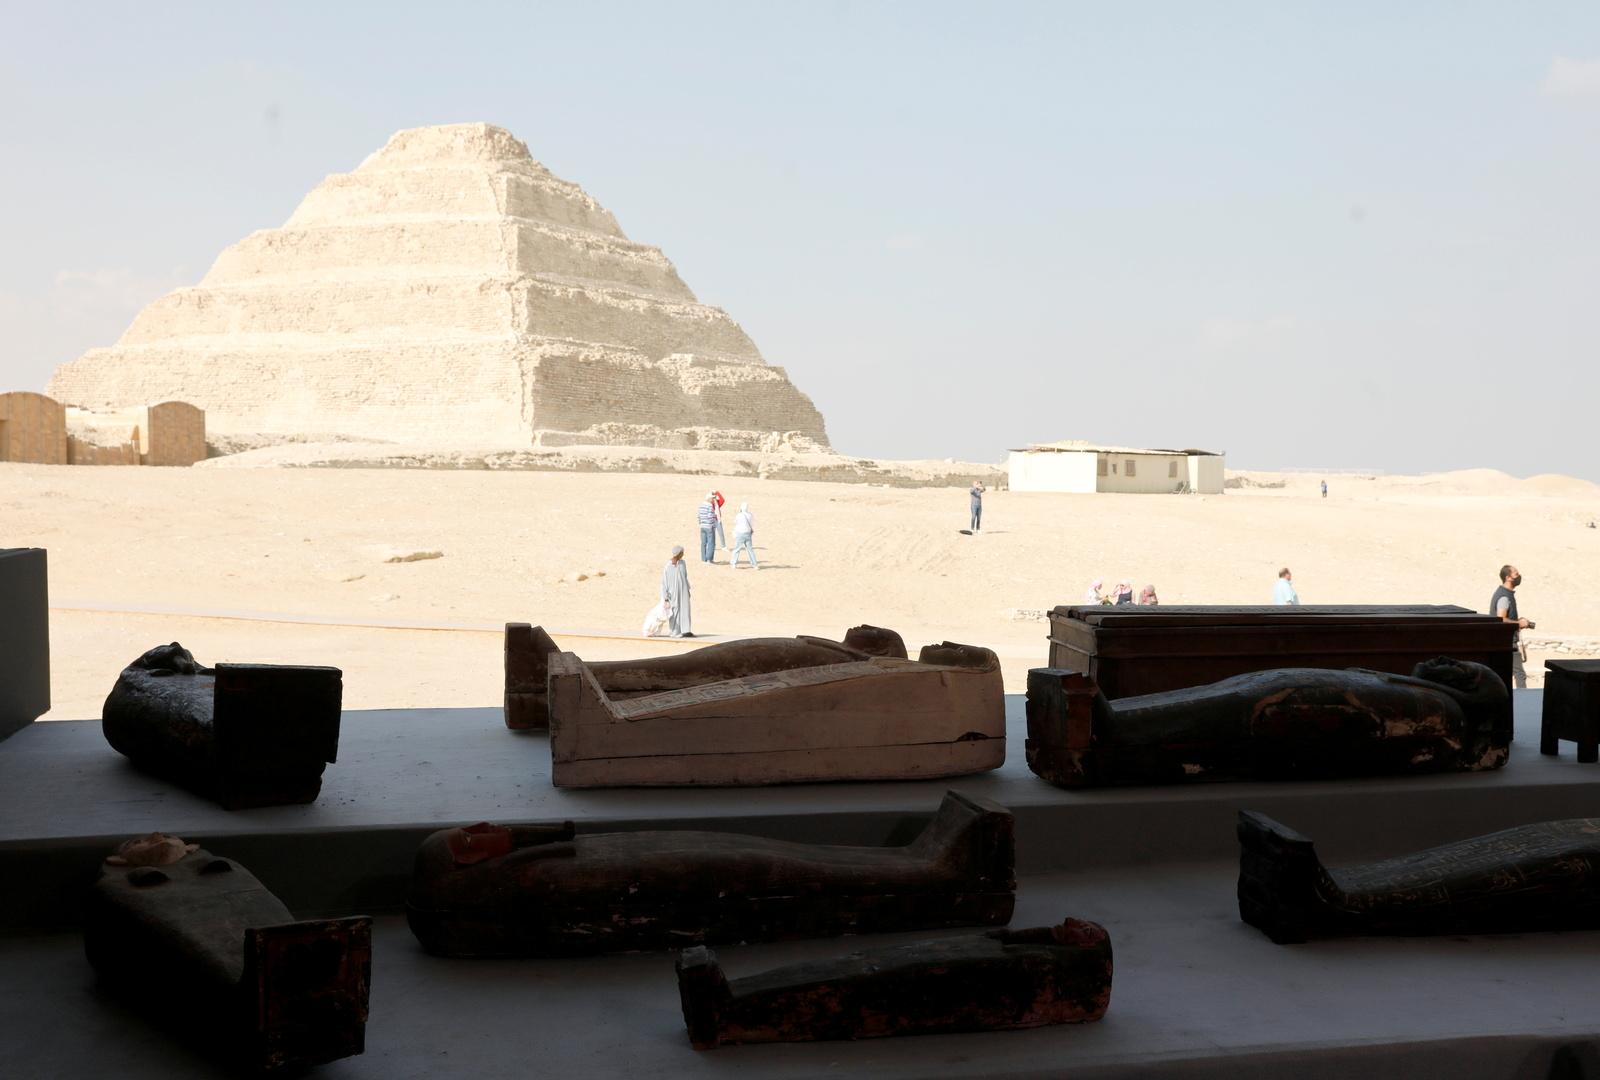 الآثار المصرية تكشف حقيقة صور التوابيت الفرعونية في أفغانستان